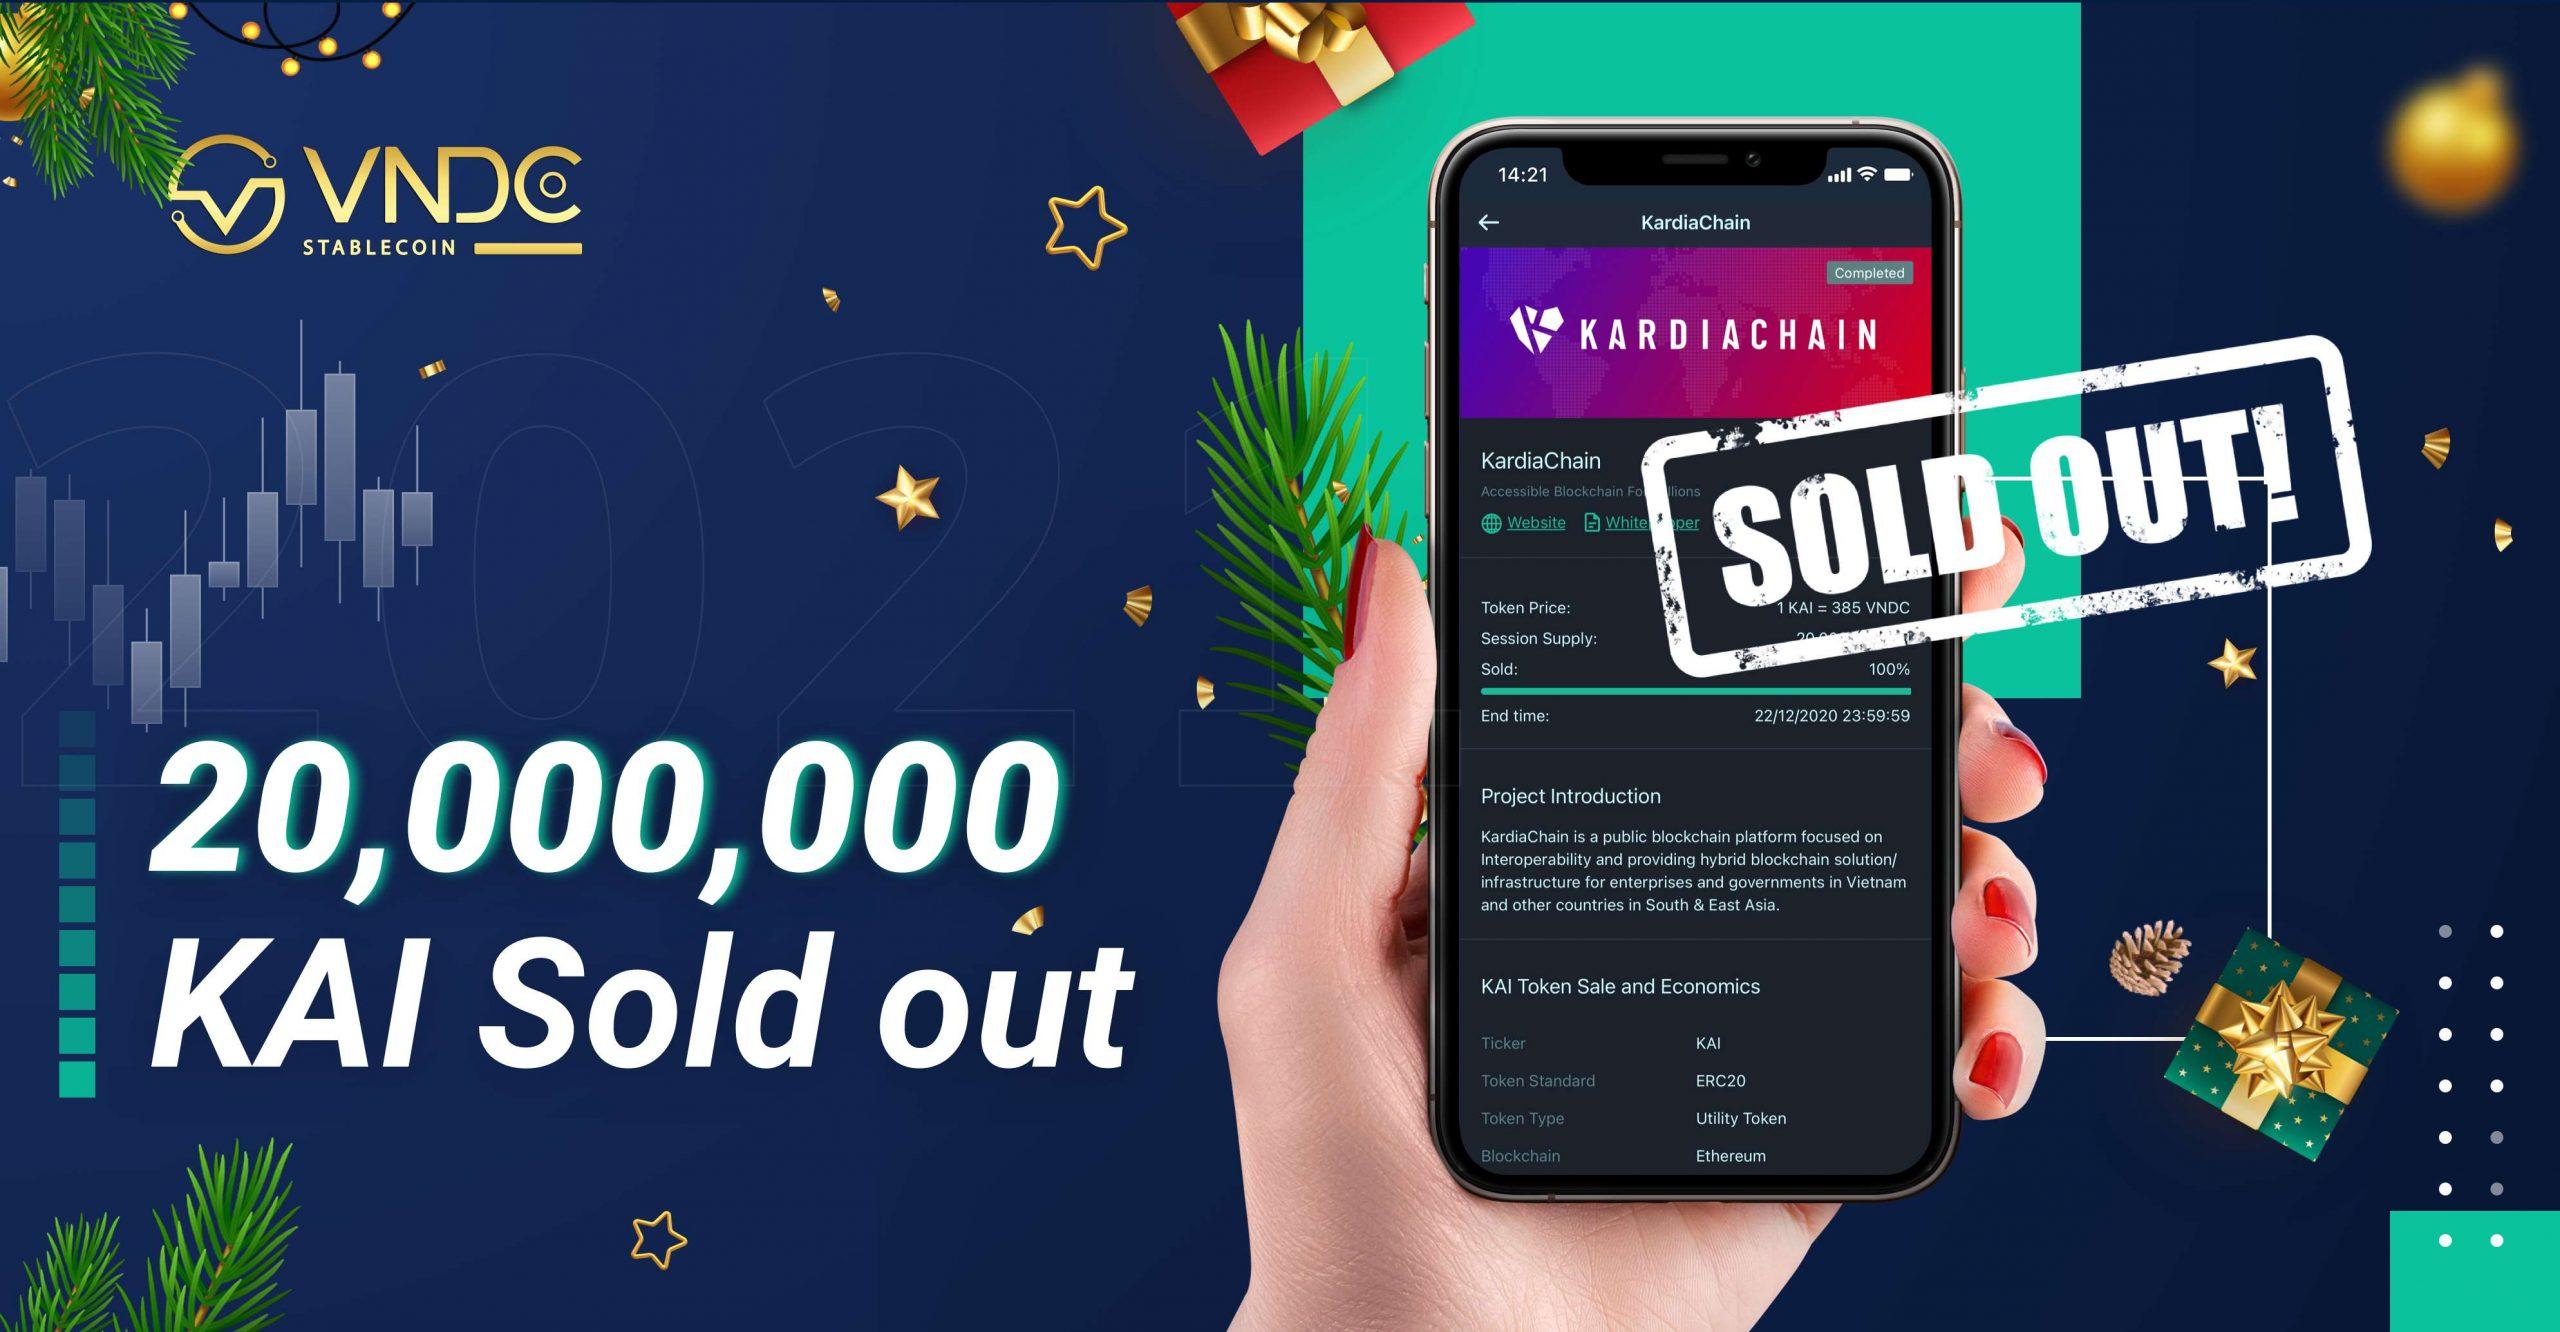 20,000,000 KAI đã phân phối hết sau 2 ngày mở bán trên VNDC DIPO